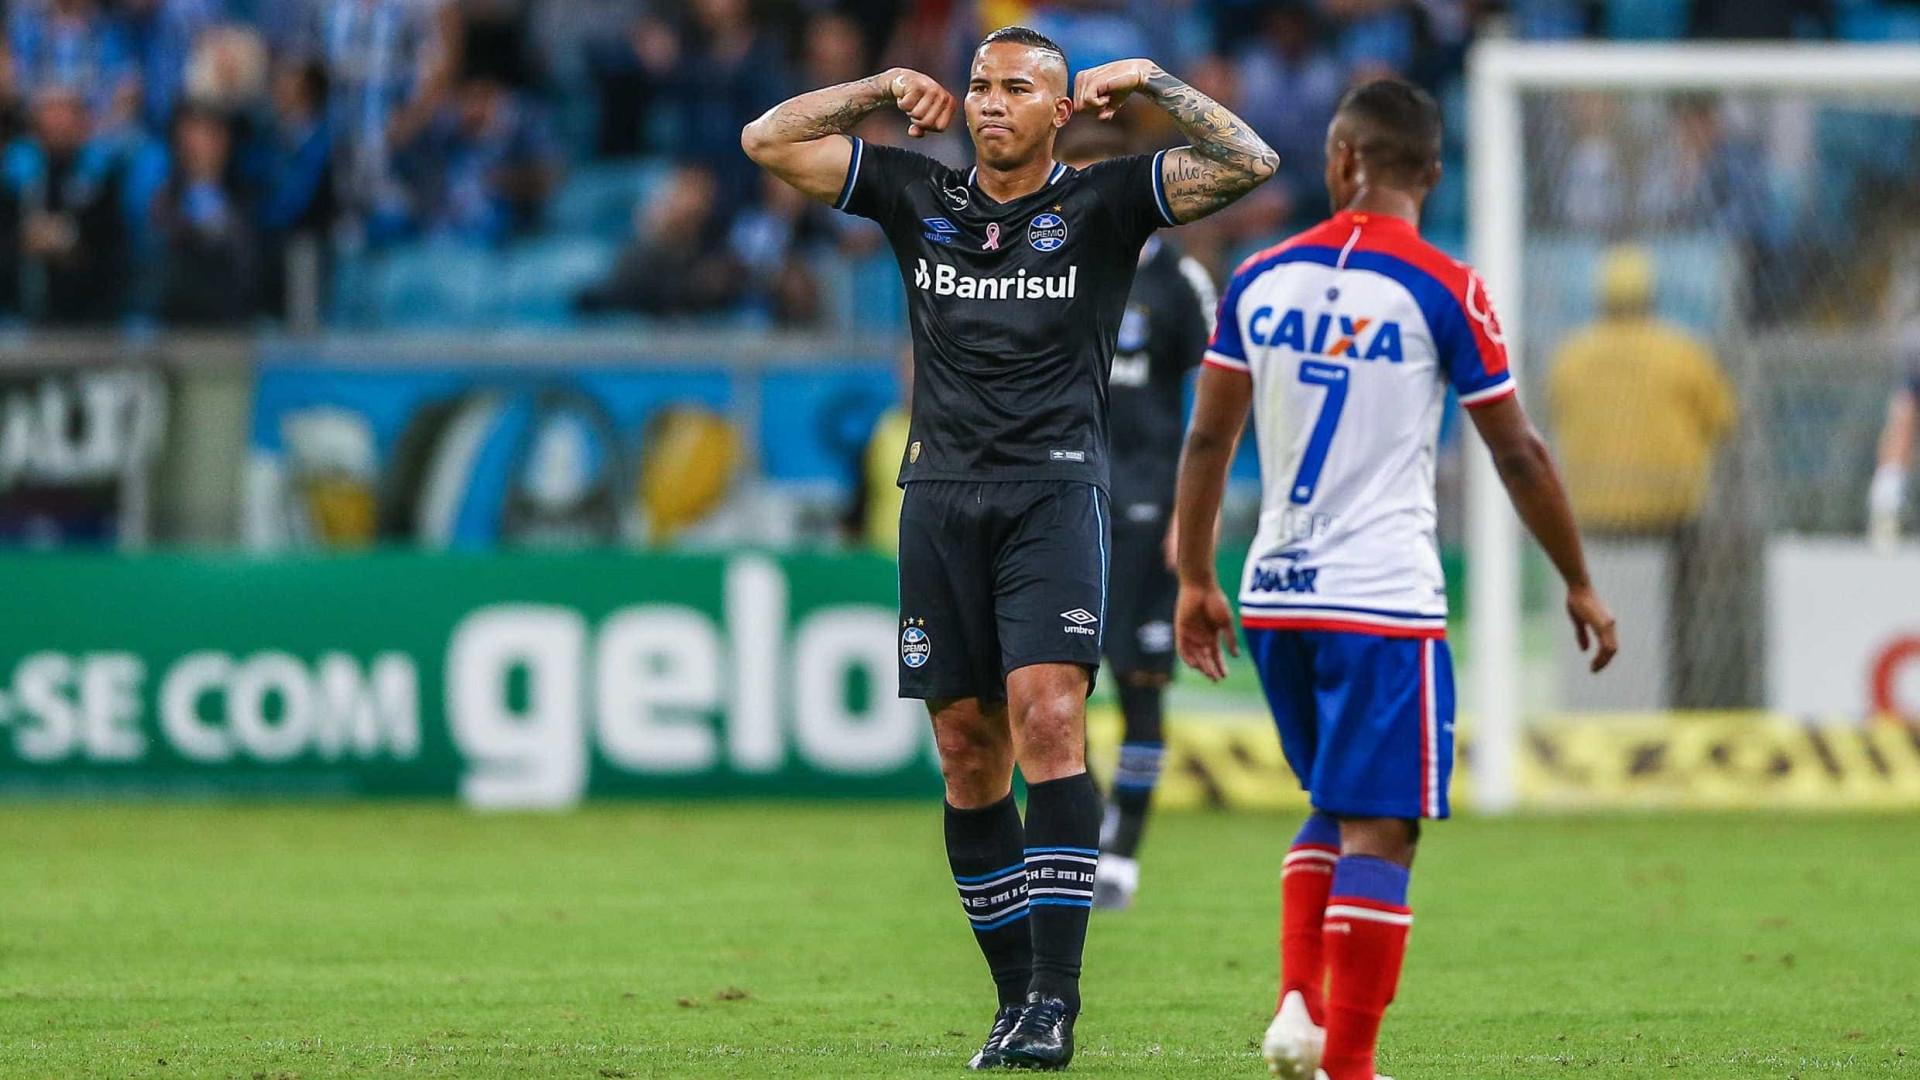 Grêmio empata com Bahia no fim e perde chance de ser vice-líder